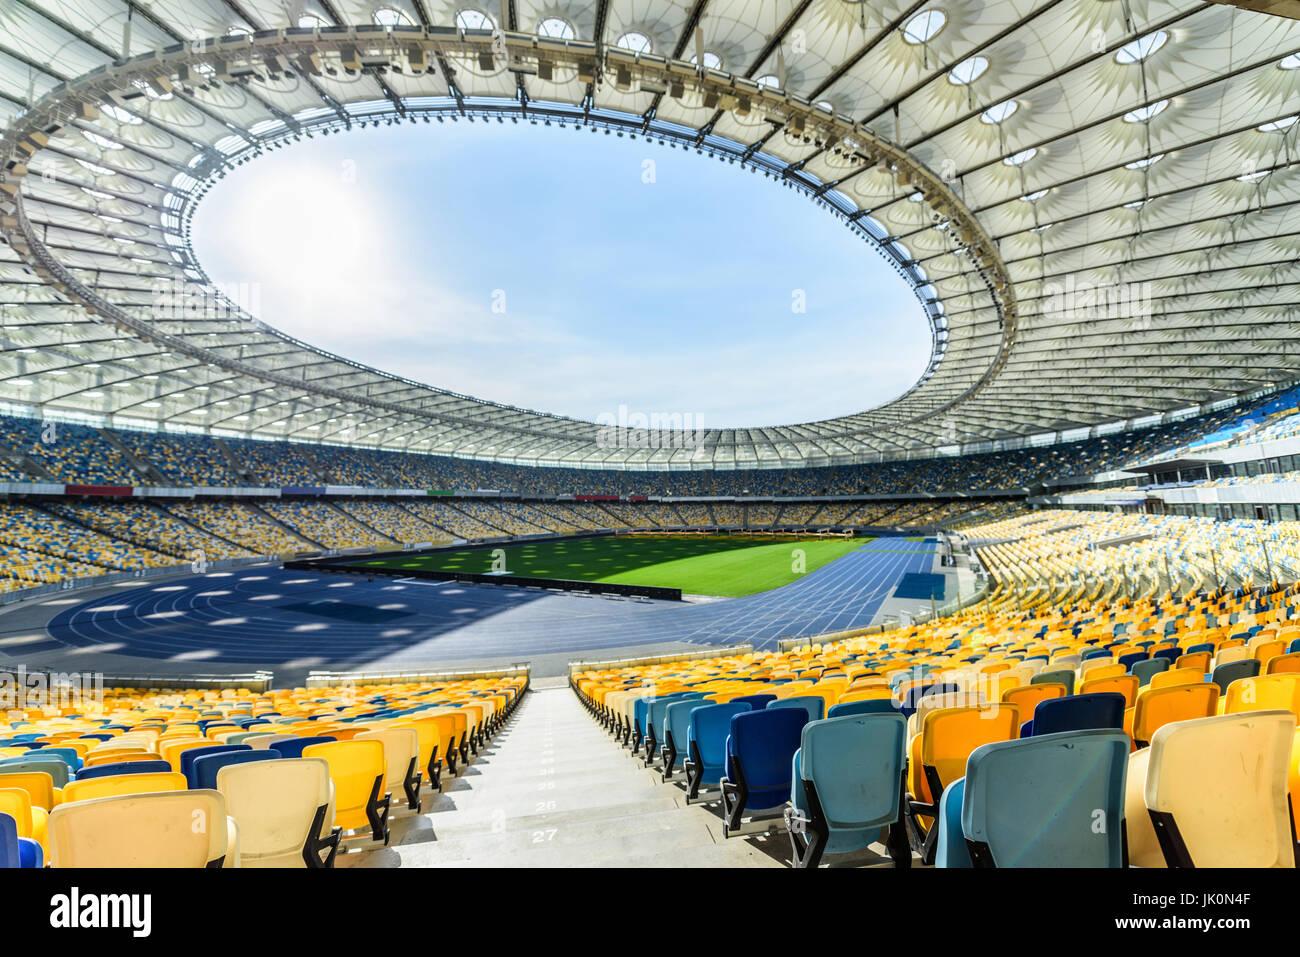 Righe di giallo e blu stadium sedi sul campo di calcio stadium Immagini Stock